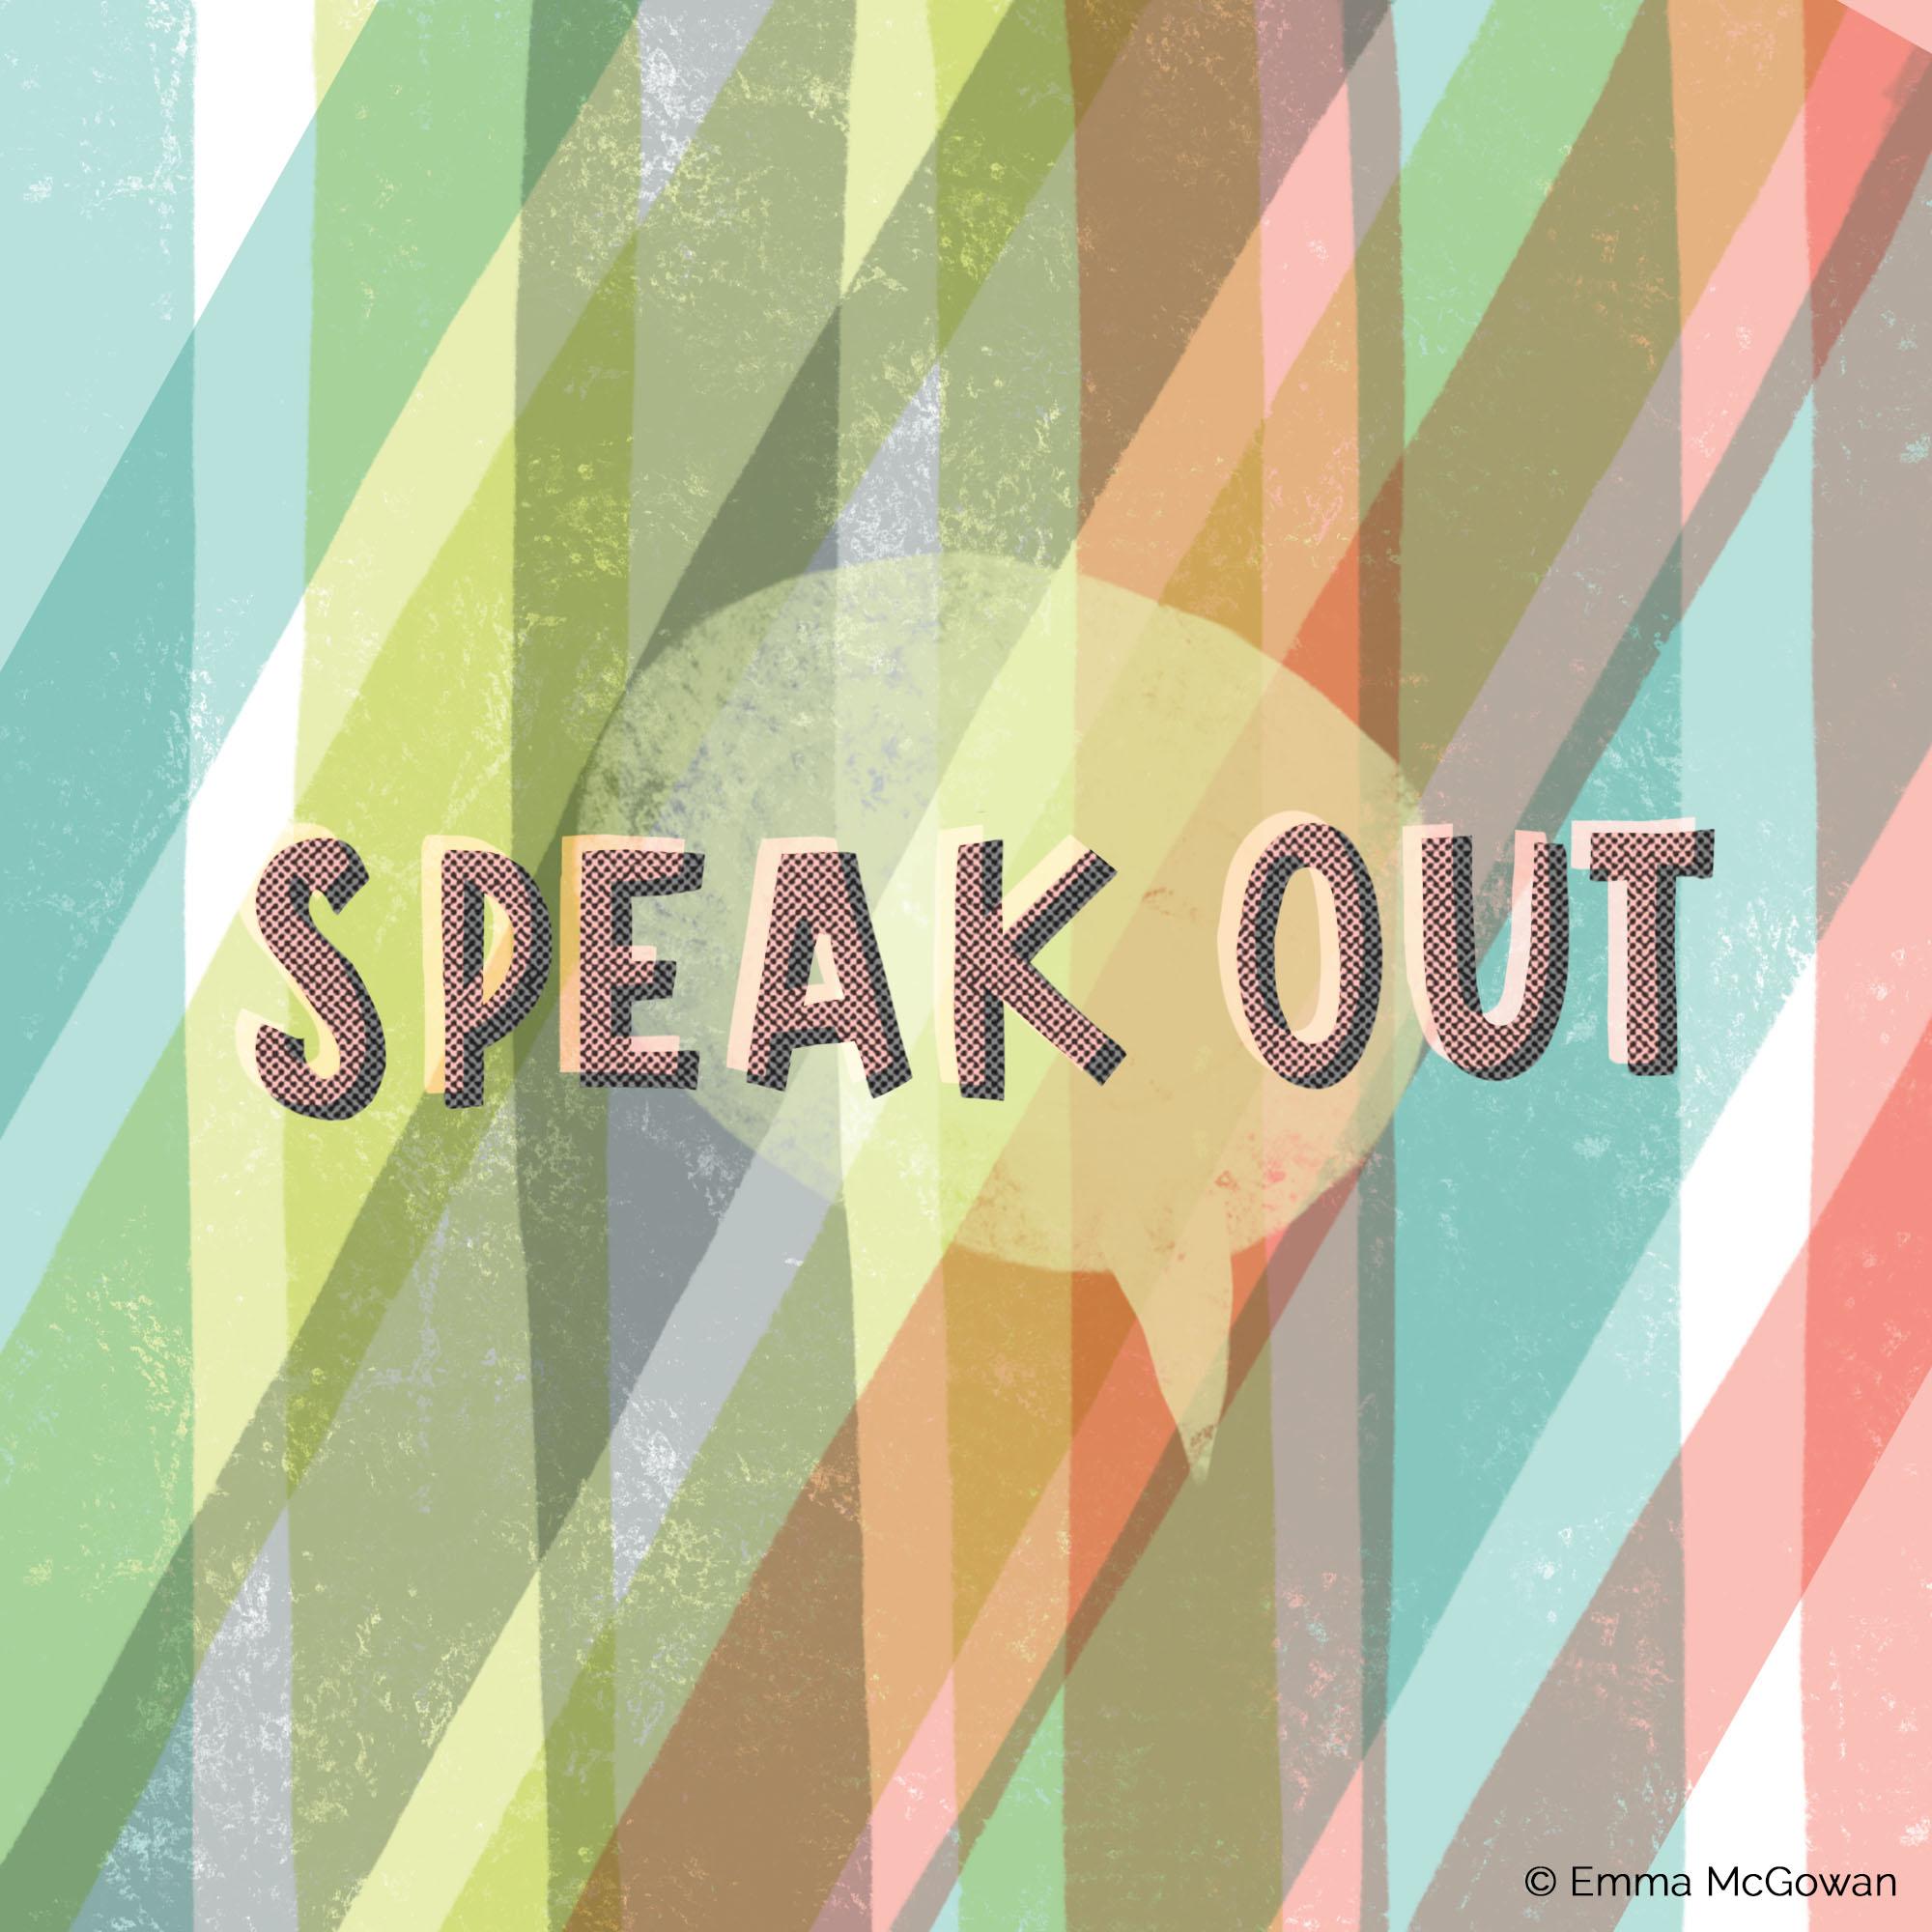 EmmaMcGowan_SpeakOut2Lo.jpg